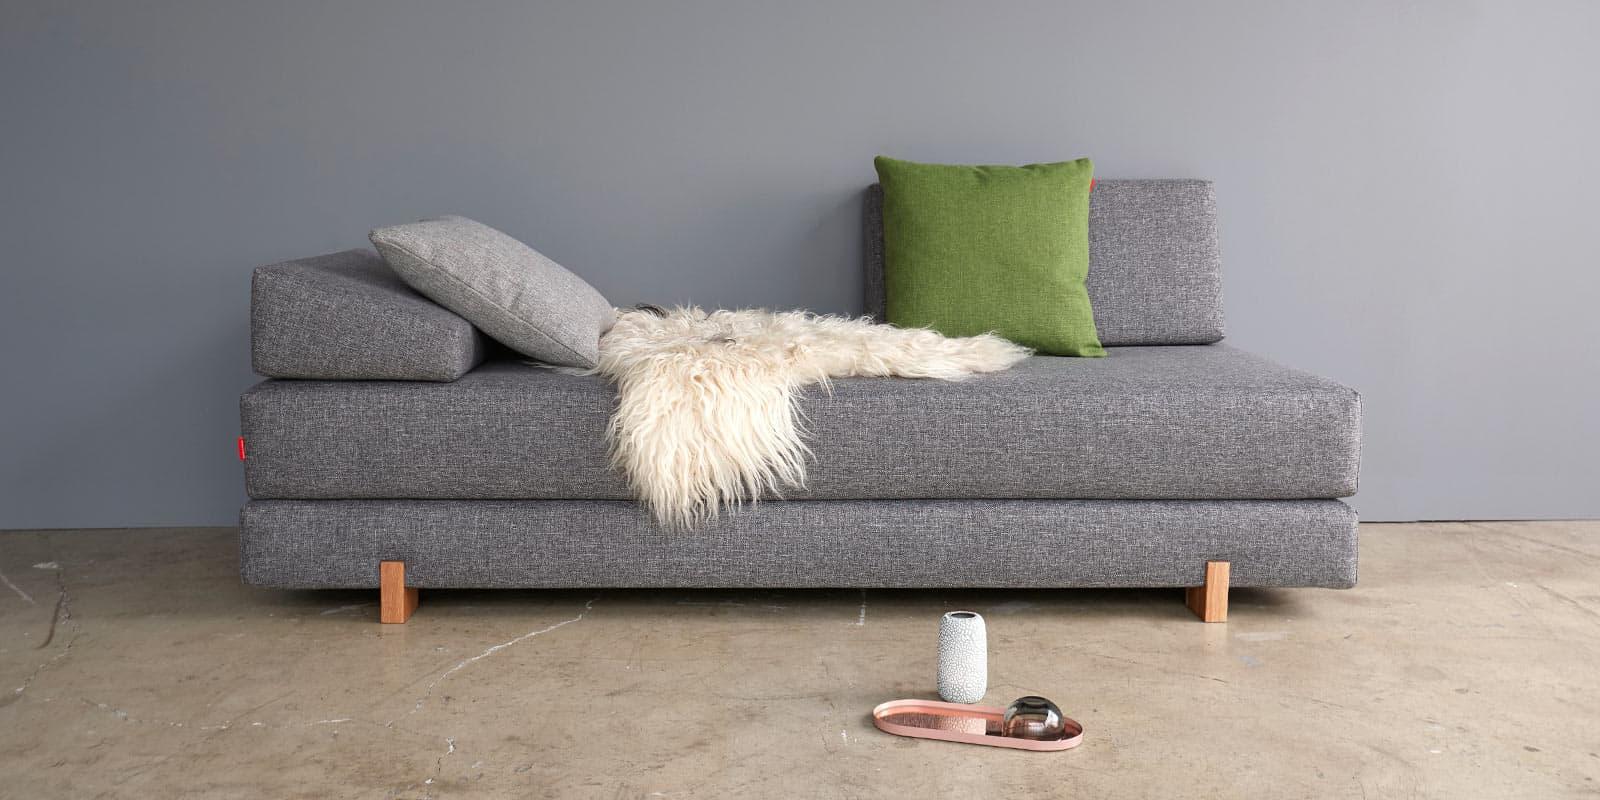 Full Size of Günstiges Sofa Innovation Living Mbel Schlafsofas Und Design Sofas Landhaus Mit Hocker Big Schlaffunktion Bezug Xxl U Form Alcantara Relaxfunktion Garnitur 2 Sofa Günstiges Sofa